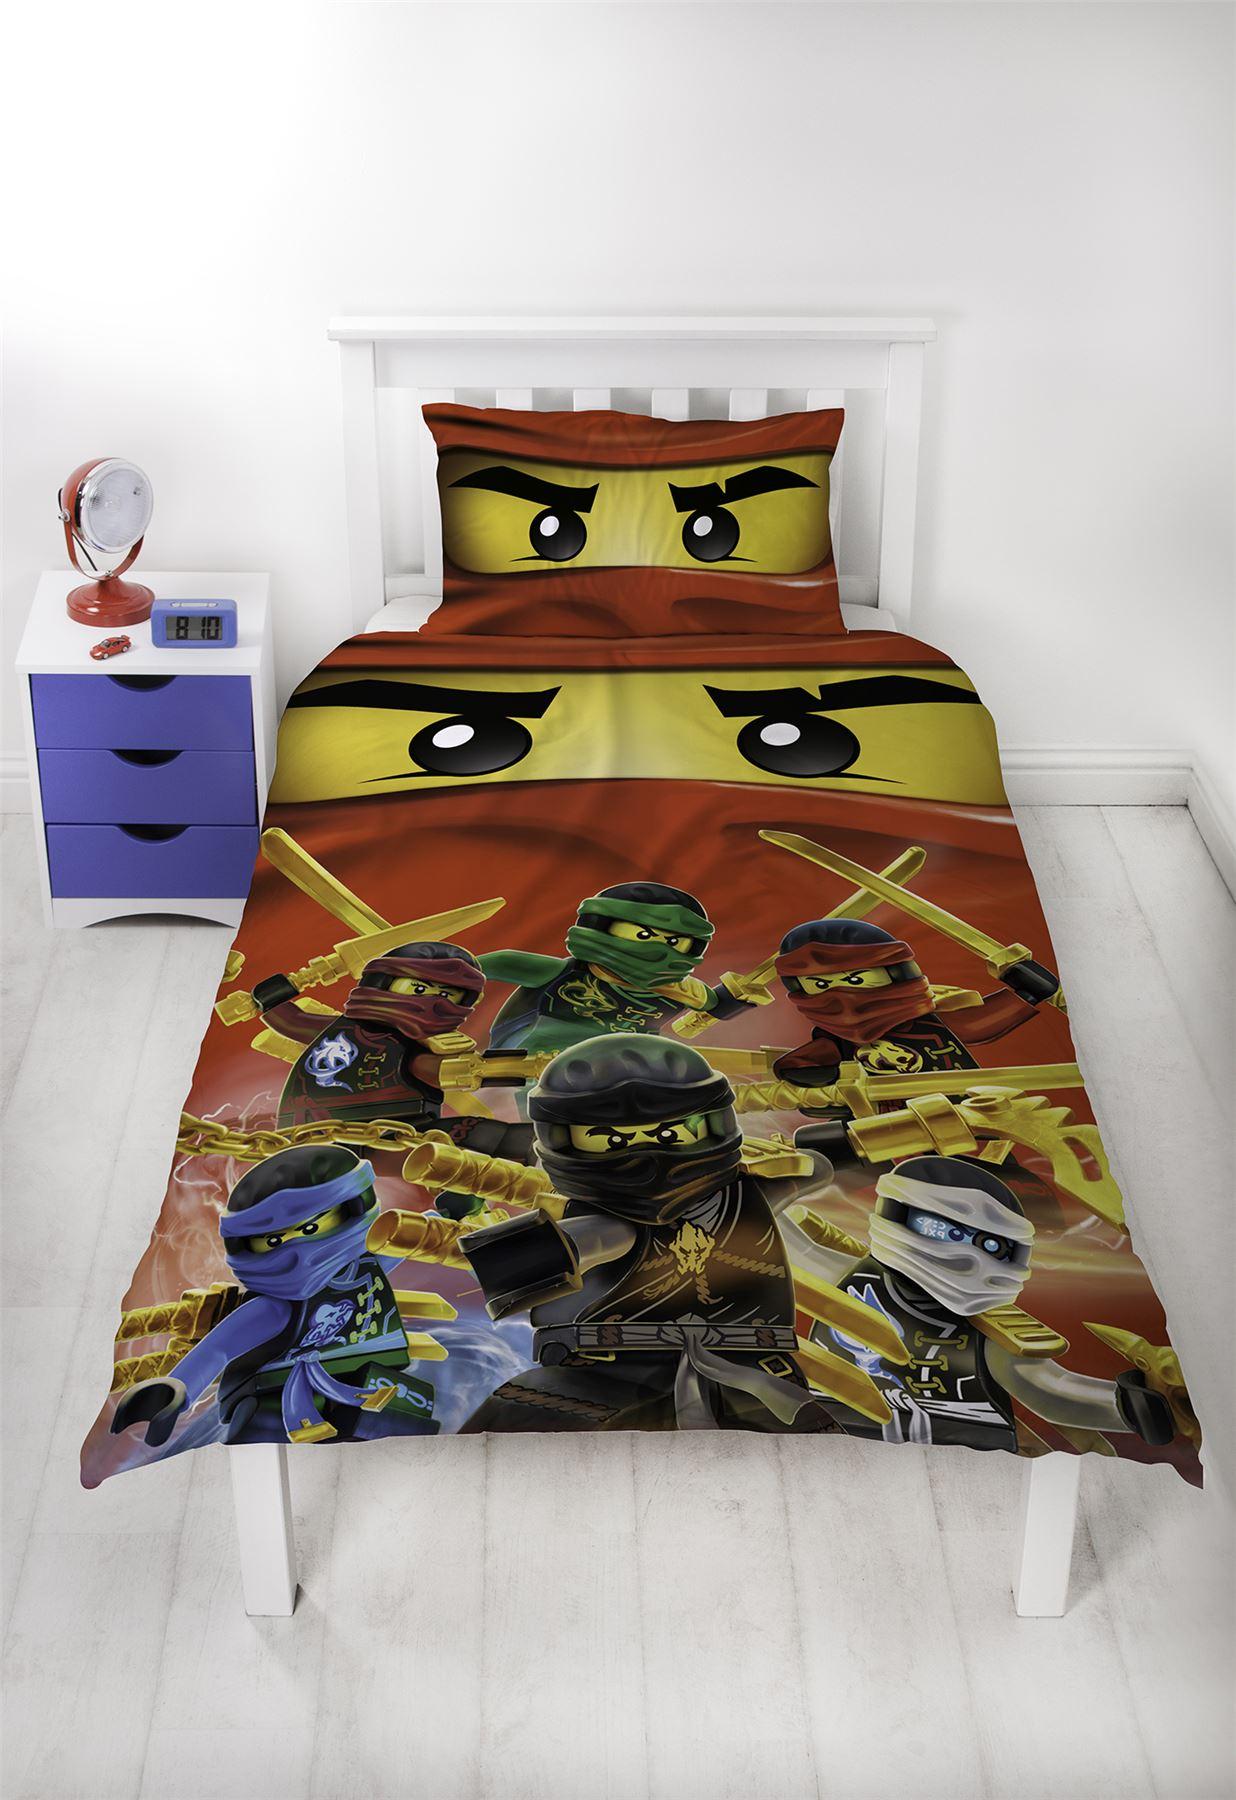 Official-Licensed-Lego-Duvet-Bedding-Ninjago-Batman-Star-Wars-Jurassic thumbnail 33